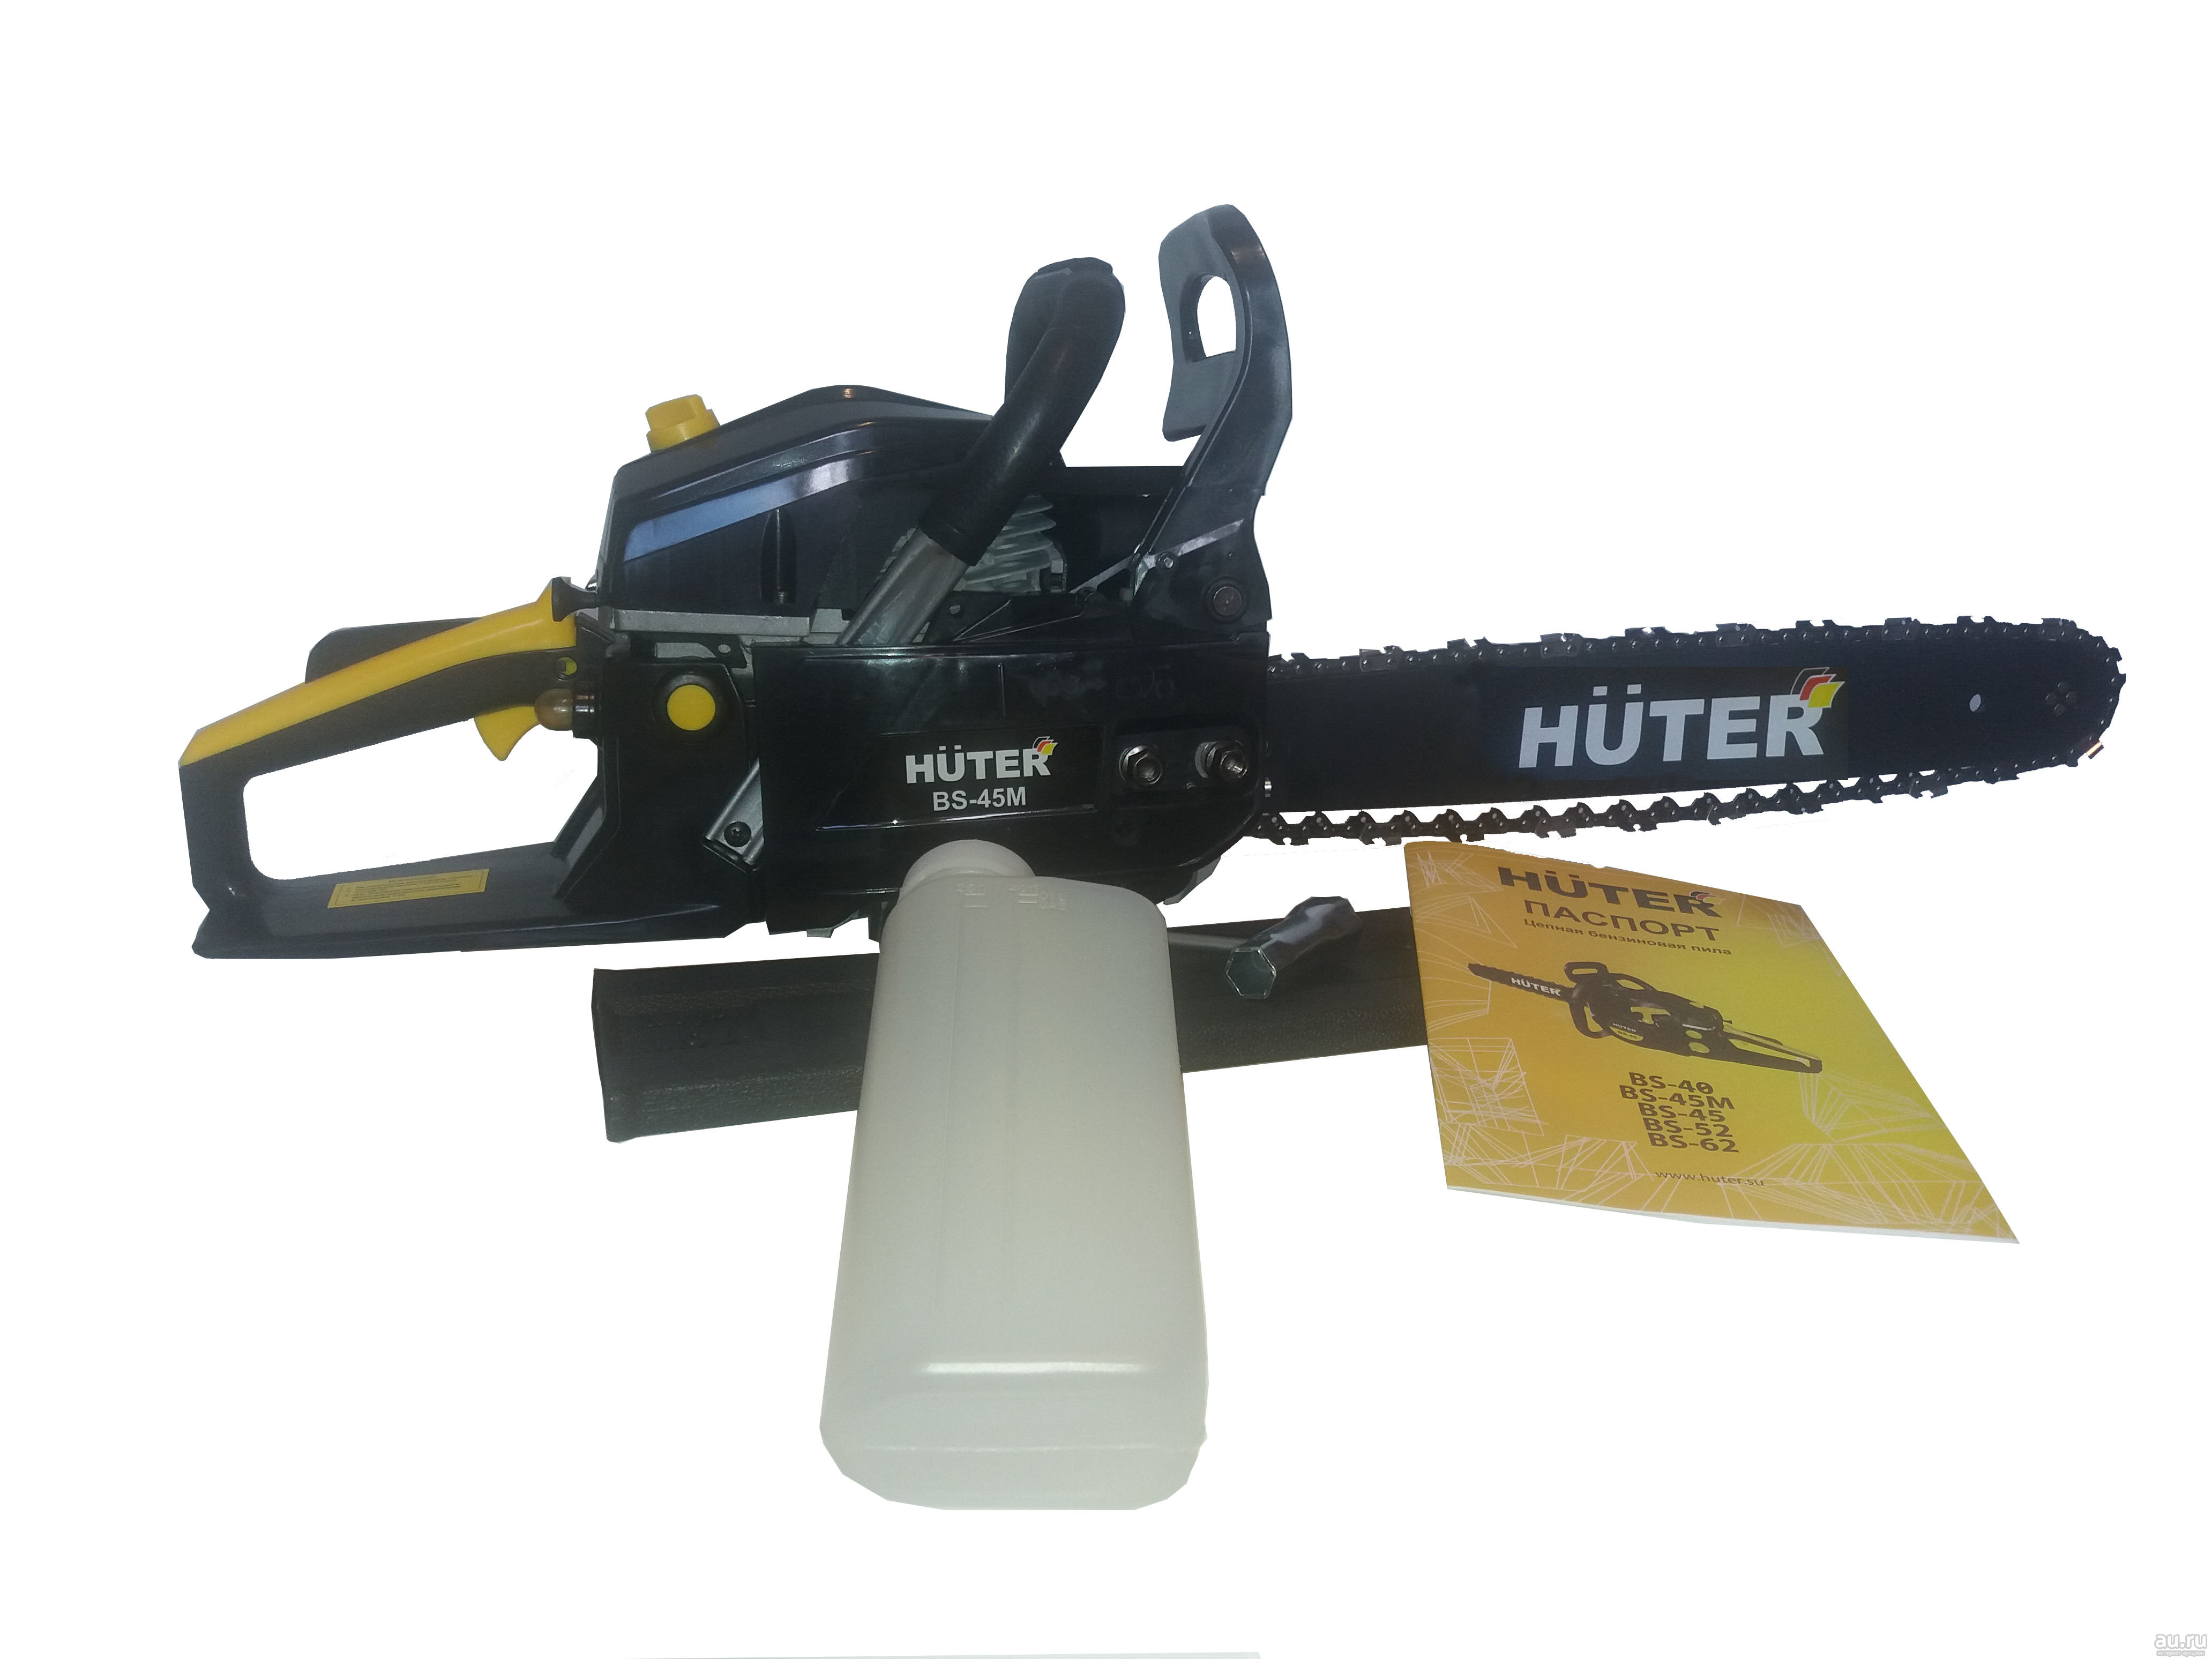 Электропилы huter: обзор модельного ряда